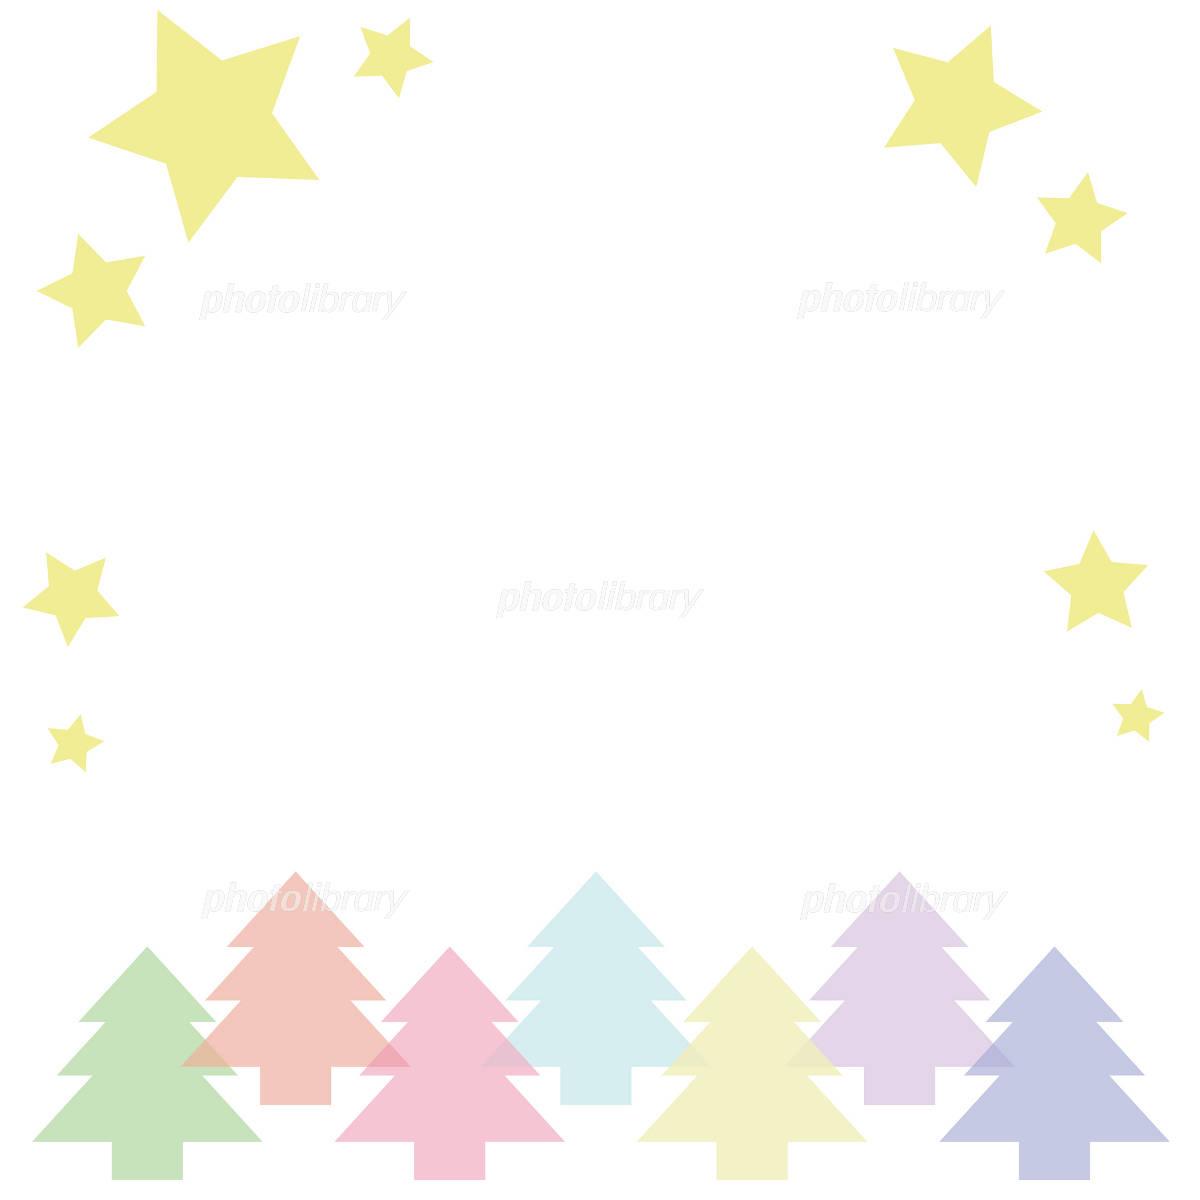 クリスマスフレーム イラスト素材 [ 1052185 ] 無料素材- フォトライブ